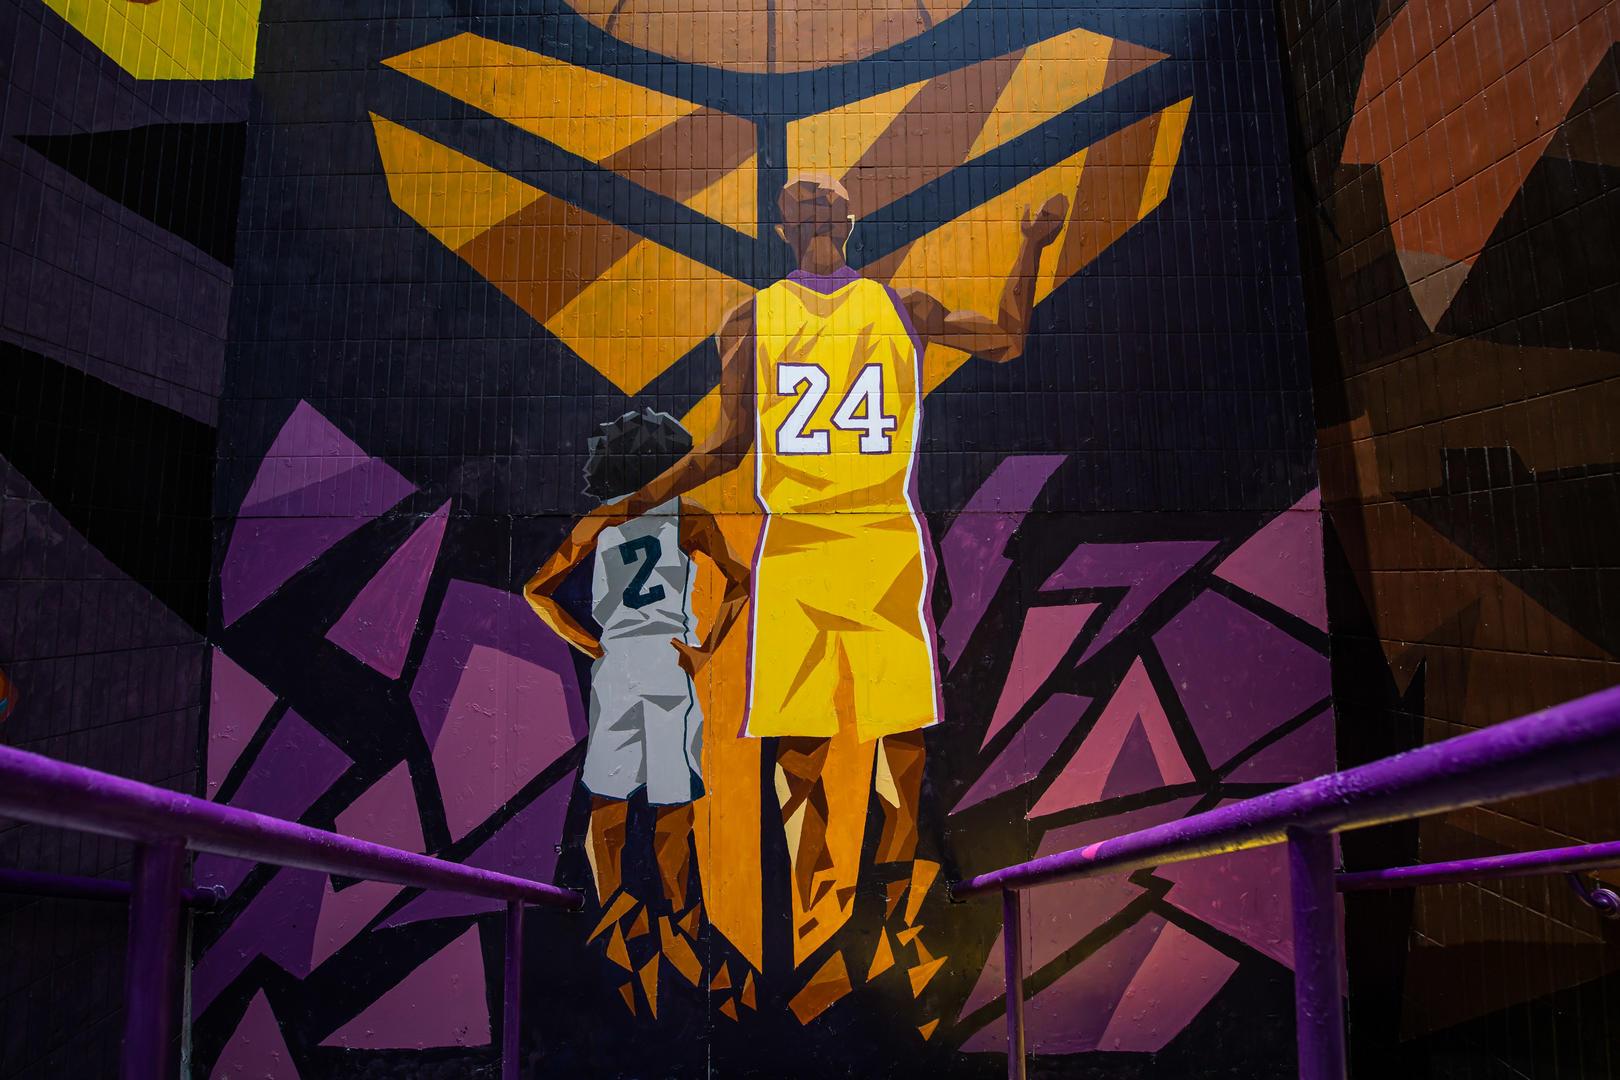 ↑广州的NBA球迷用涂鸦纪念科比和吉安娜